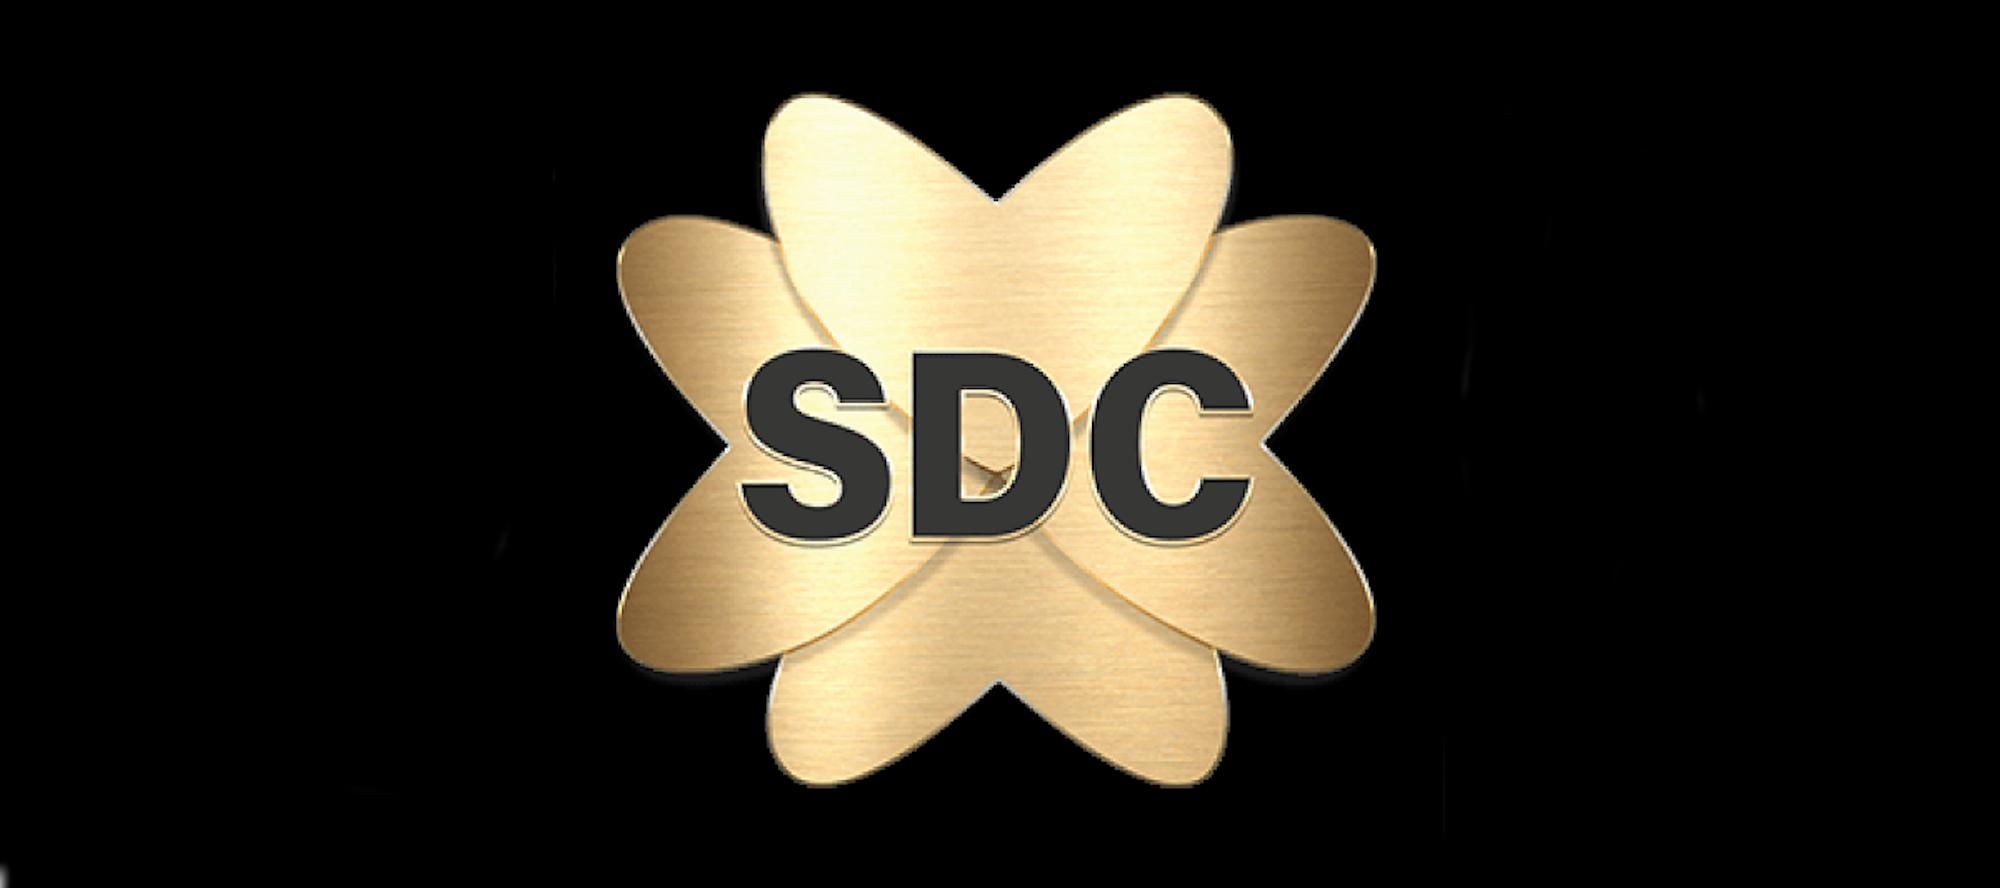 SwingersDateClub Review - Cele mai bune site-uri de dating pentru adulți, cum ar fi curs-coaching.ro